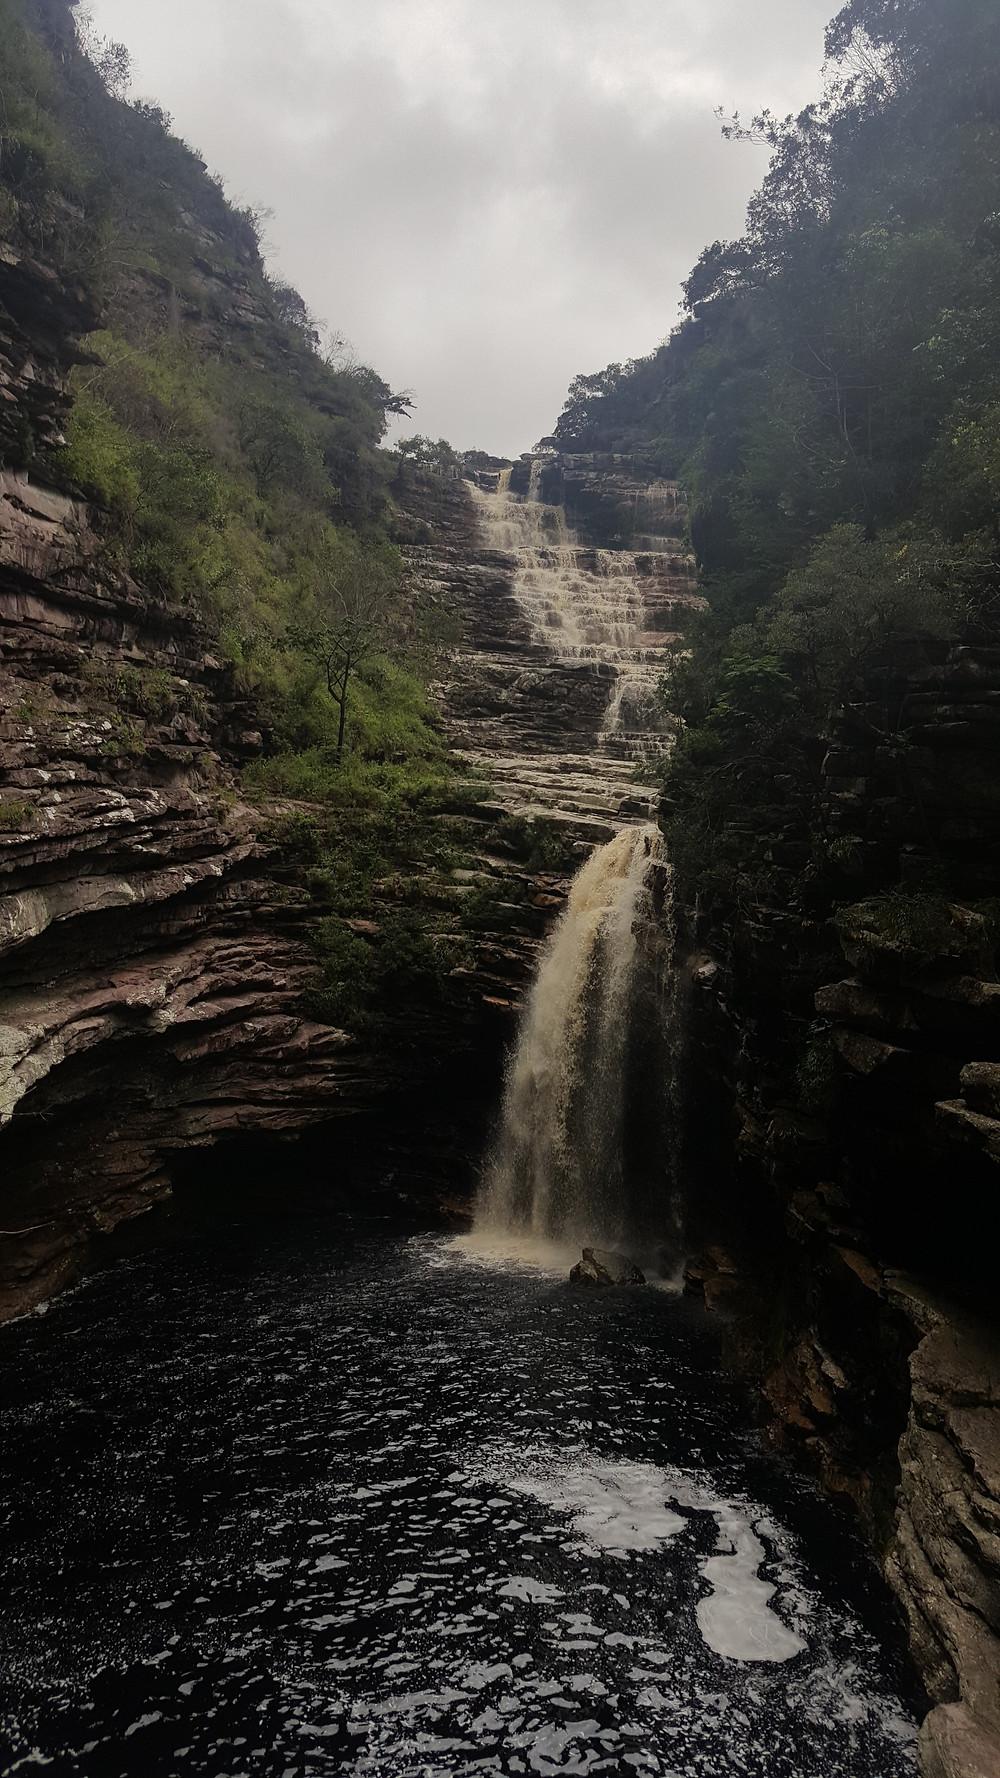 Viaje com pouco - Chapada Diamantina - Cachoeira do Sossego